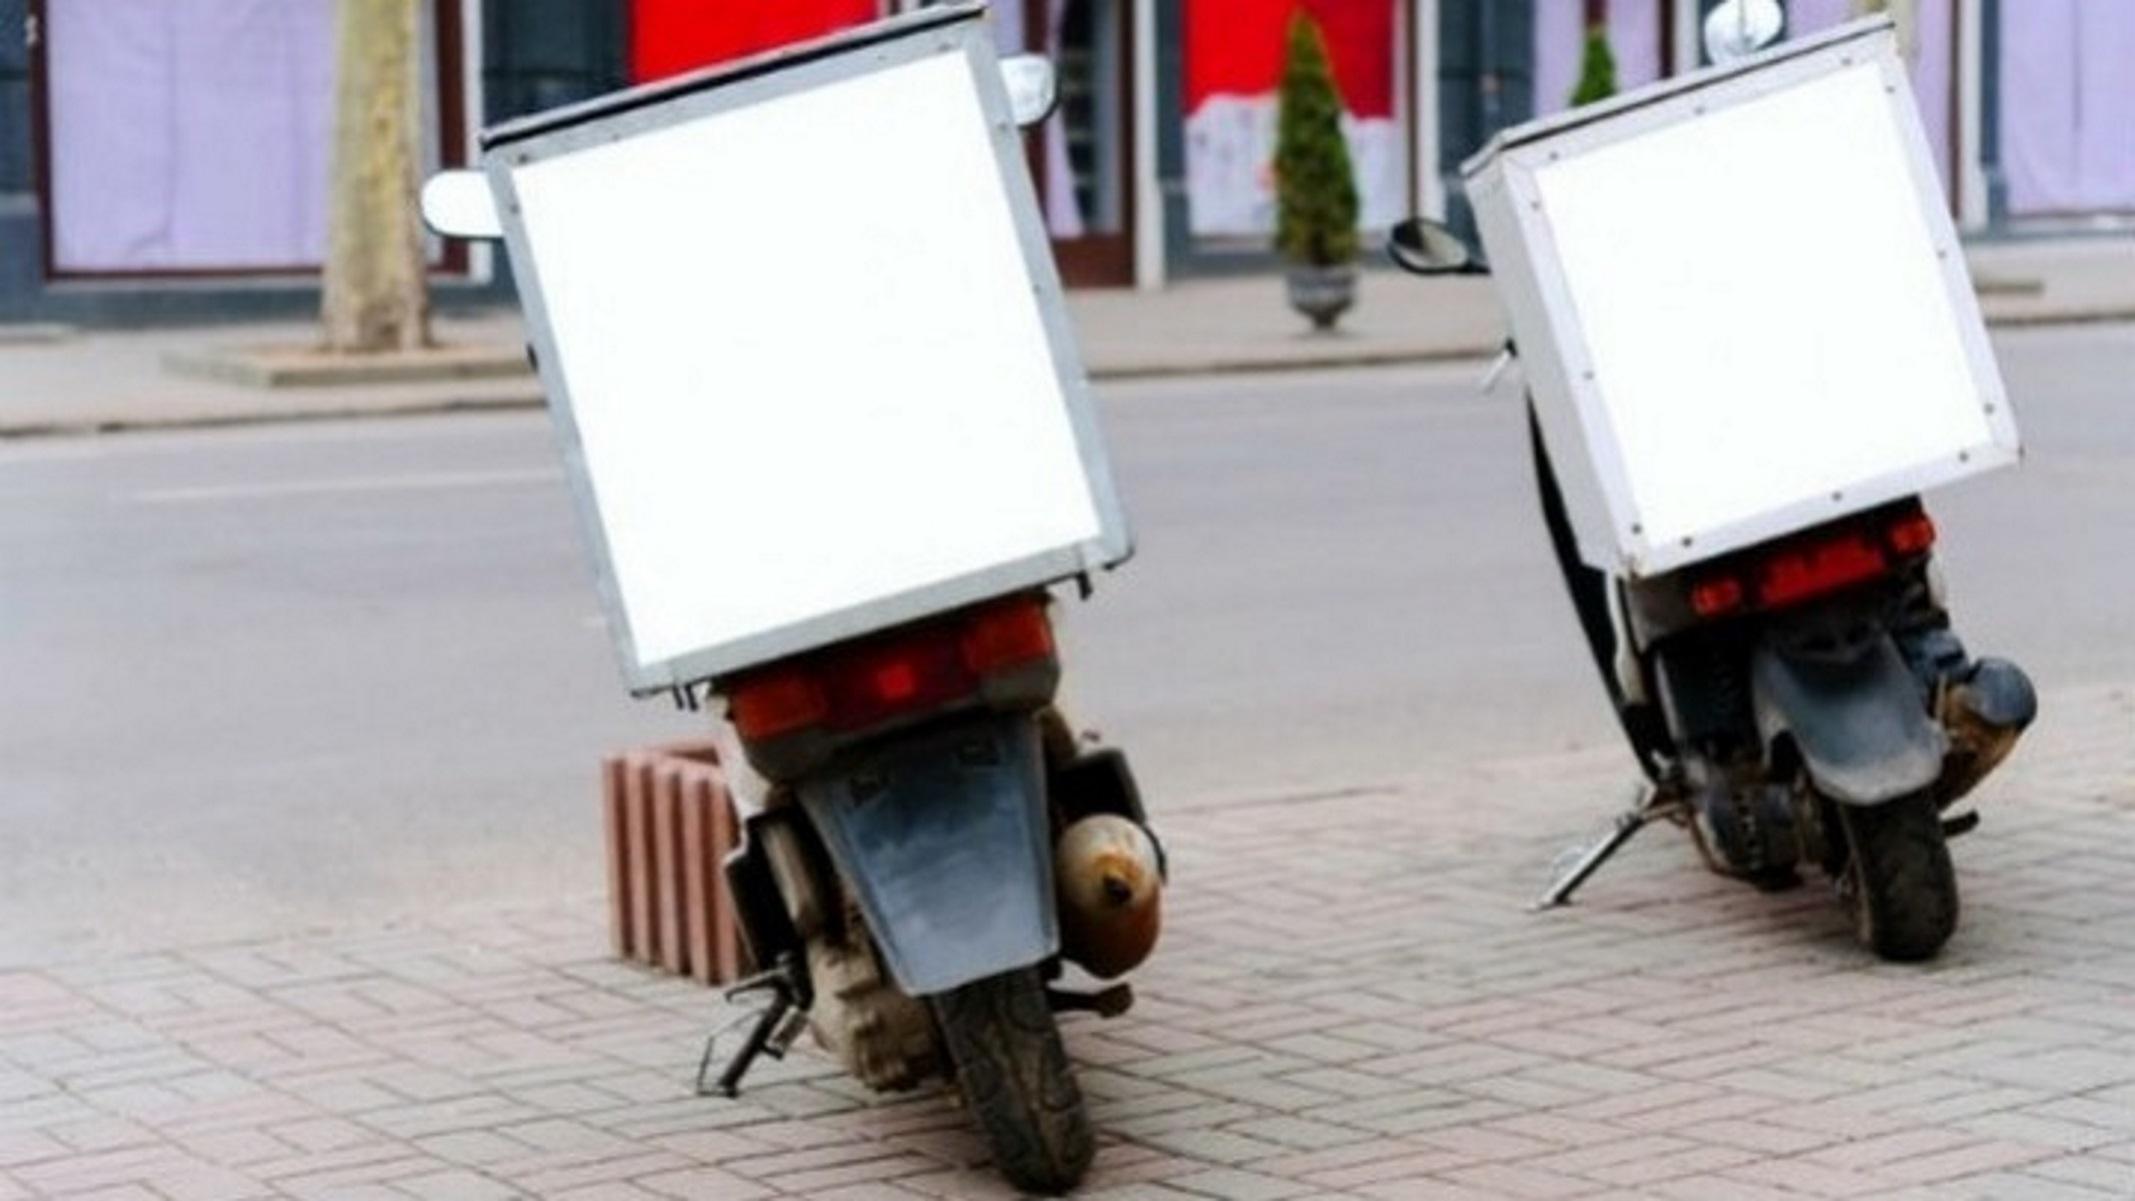 Κρήτη: Αλωνίζουν οι απατεώνες – Το κόλπο με τον «ντελιβερά» για να αρπάζουν χρήματα